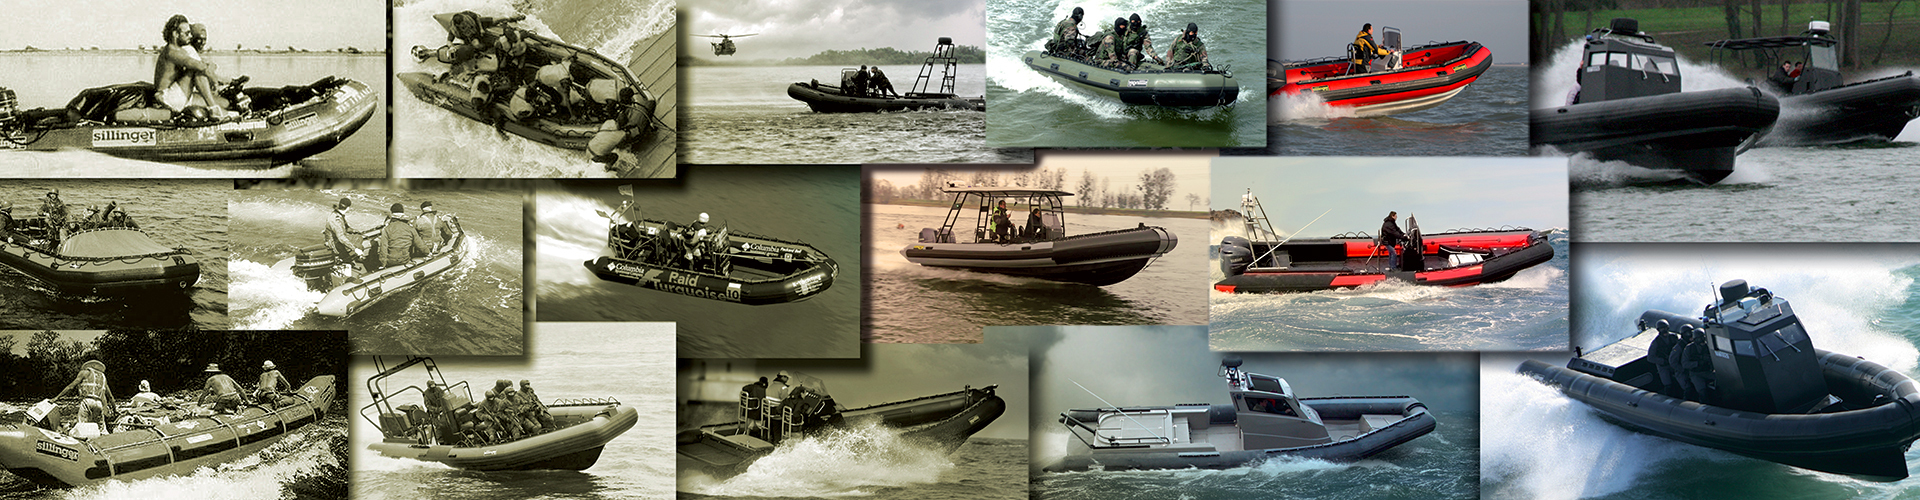 Depuis plus de 50 ans la marque Sillinger fabrique des bateaux en France.